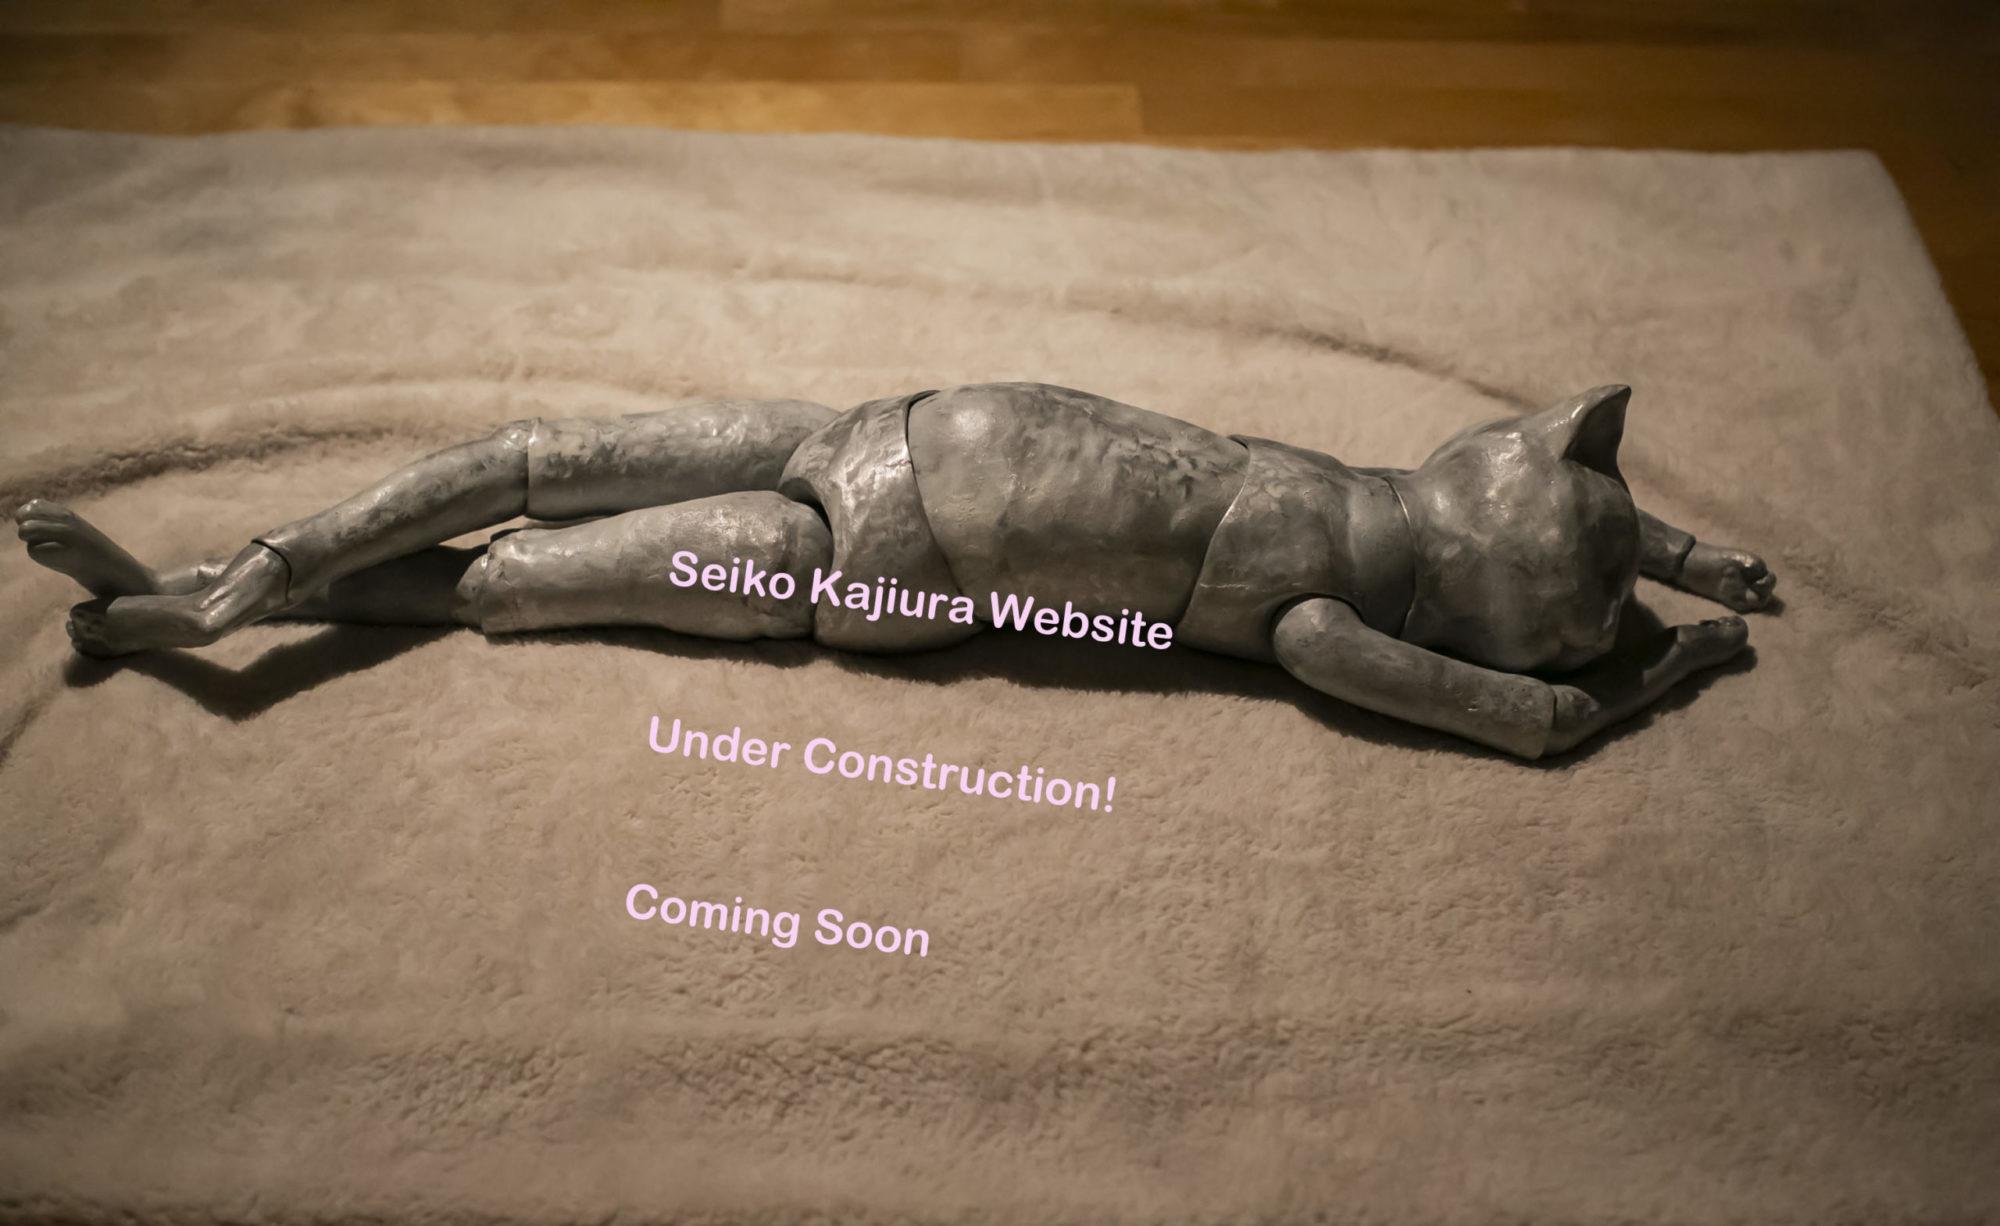 Seiko kajiura